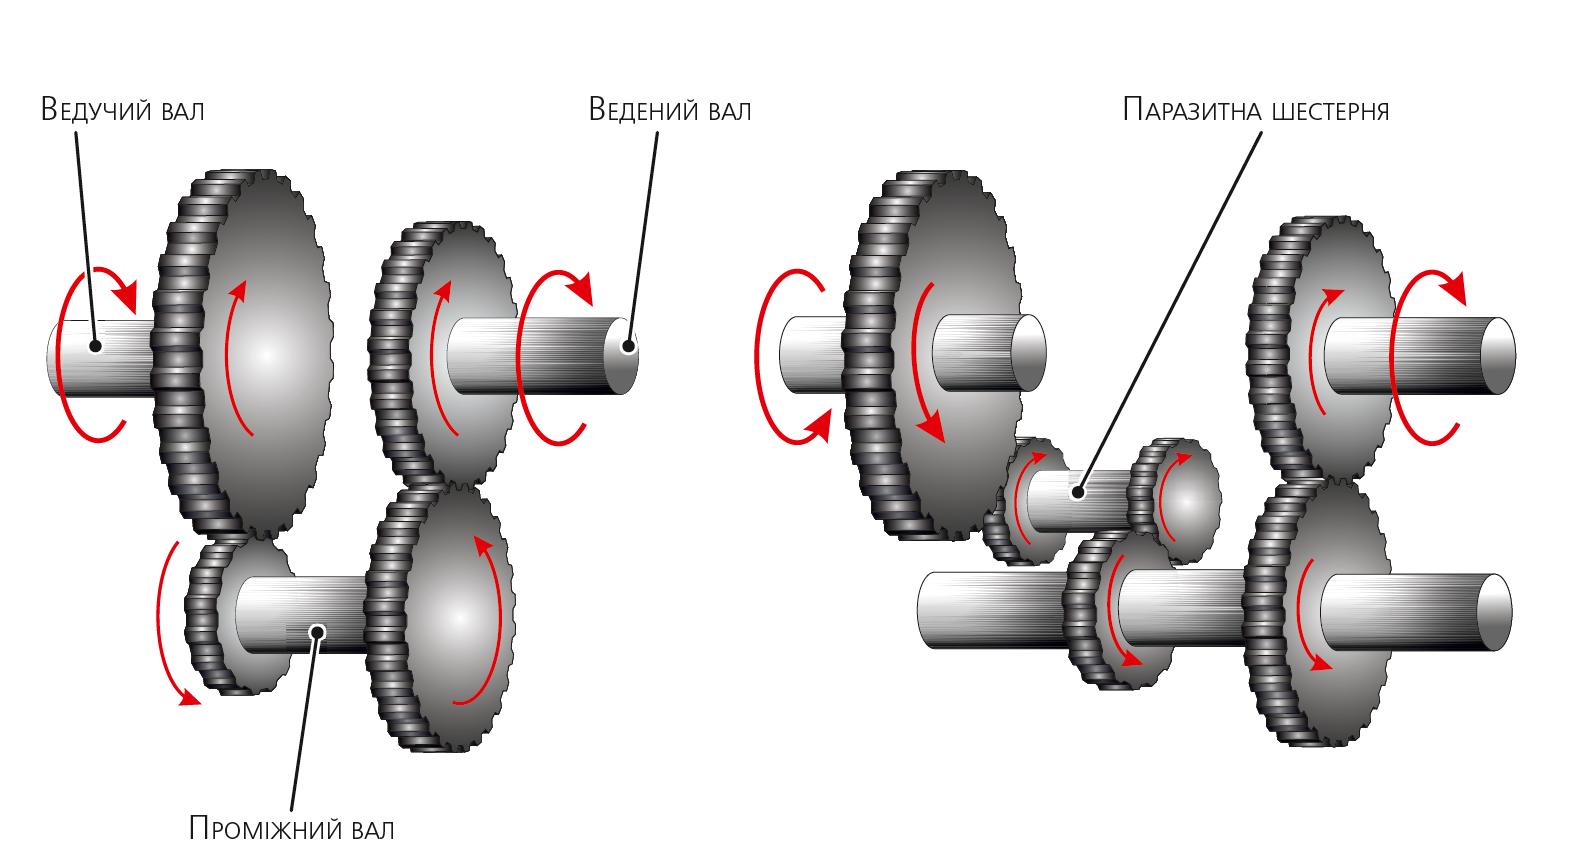 Упрощенная схема одноступенчатой коробки передач